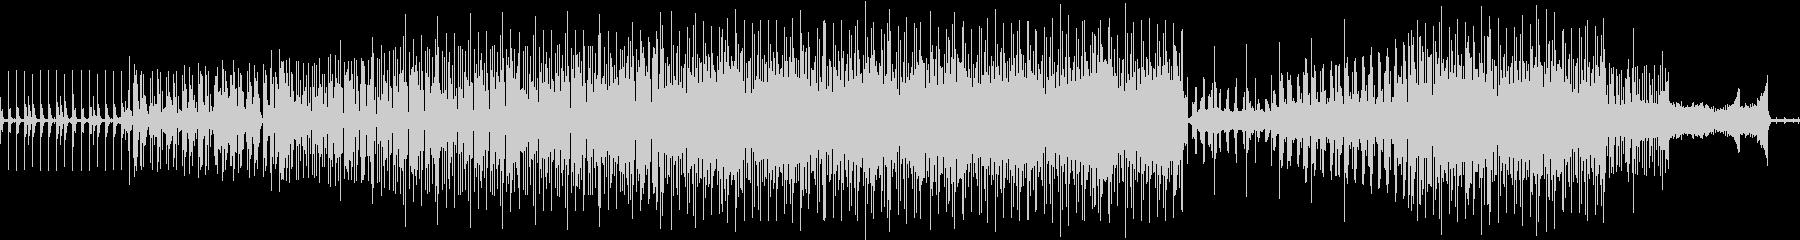 くじら同士の超音波による歌のやりとりの未再生の波形